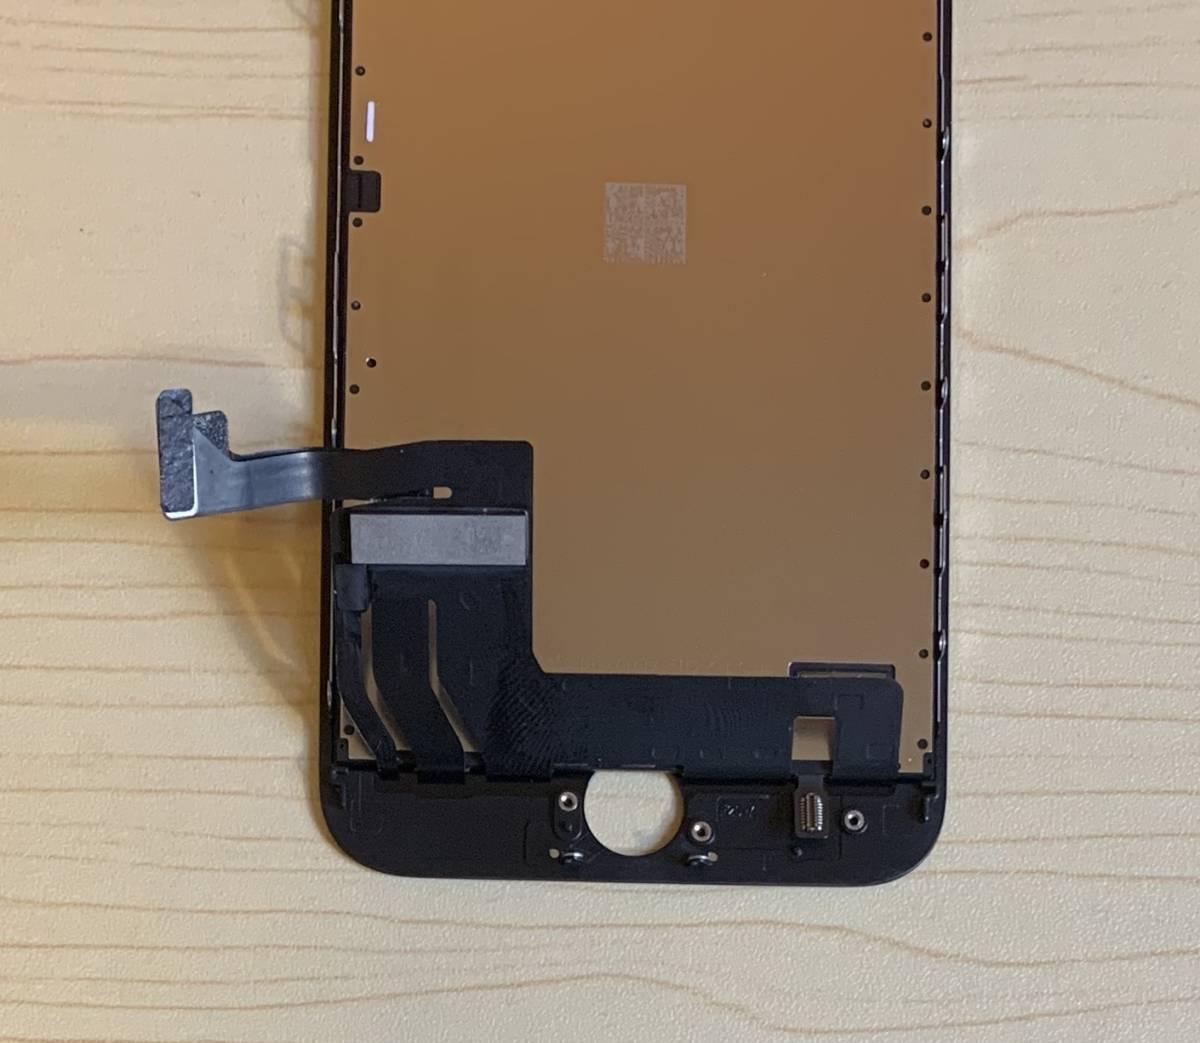 iPhone8 黒 純正再生品 フロントパネル LCD 画面 液晶 修理 交換。64gb 、 256gb 、Au 、Softbank 、docomo、Sim フリー_画像5